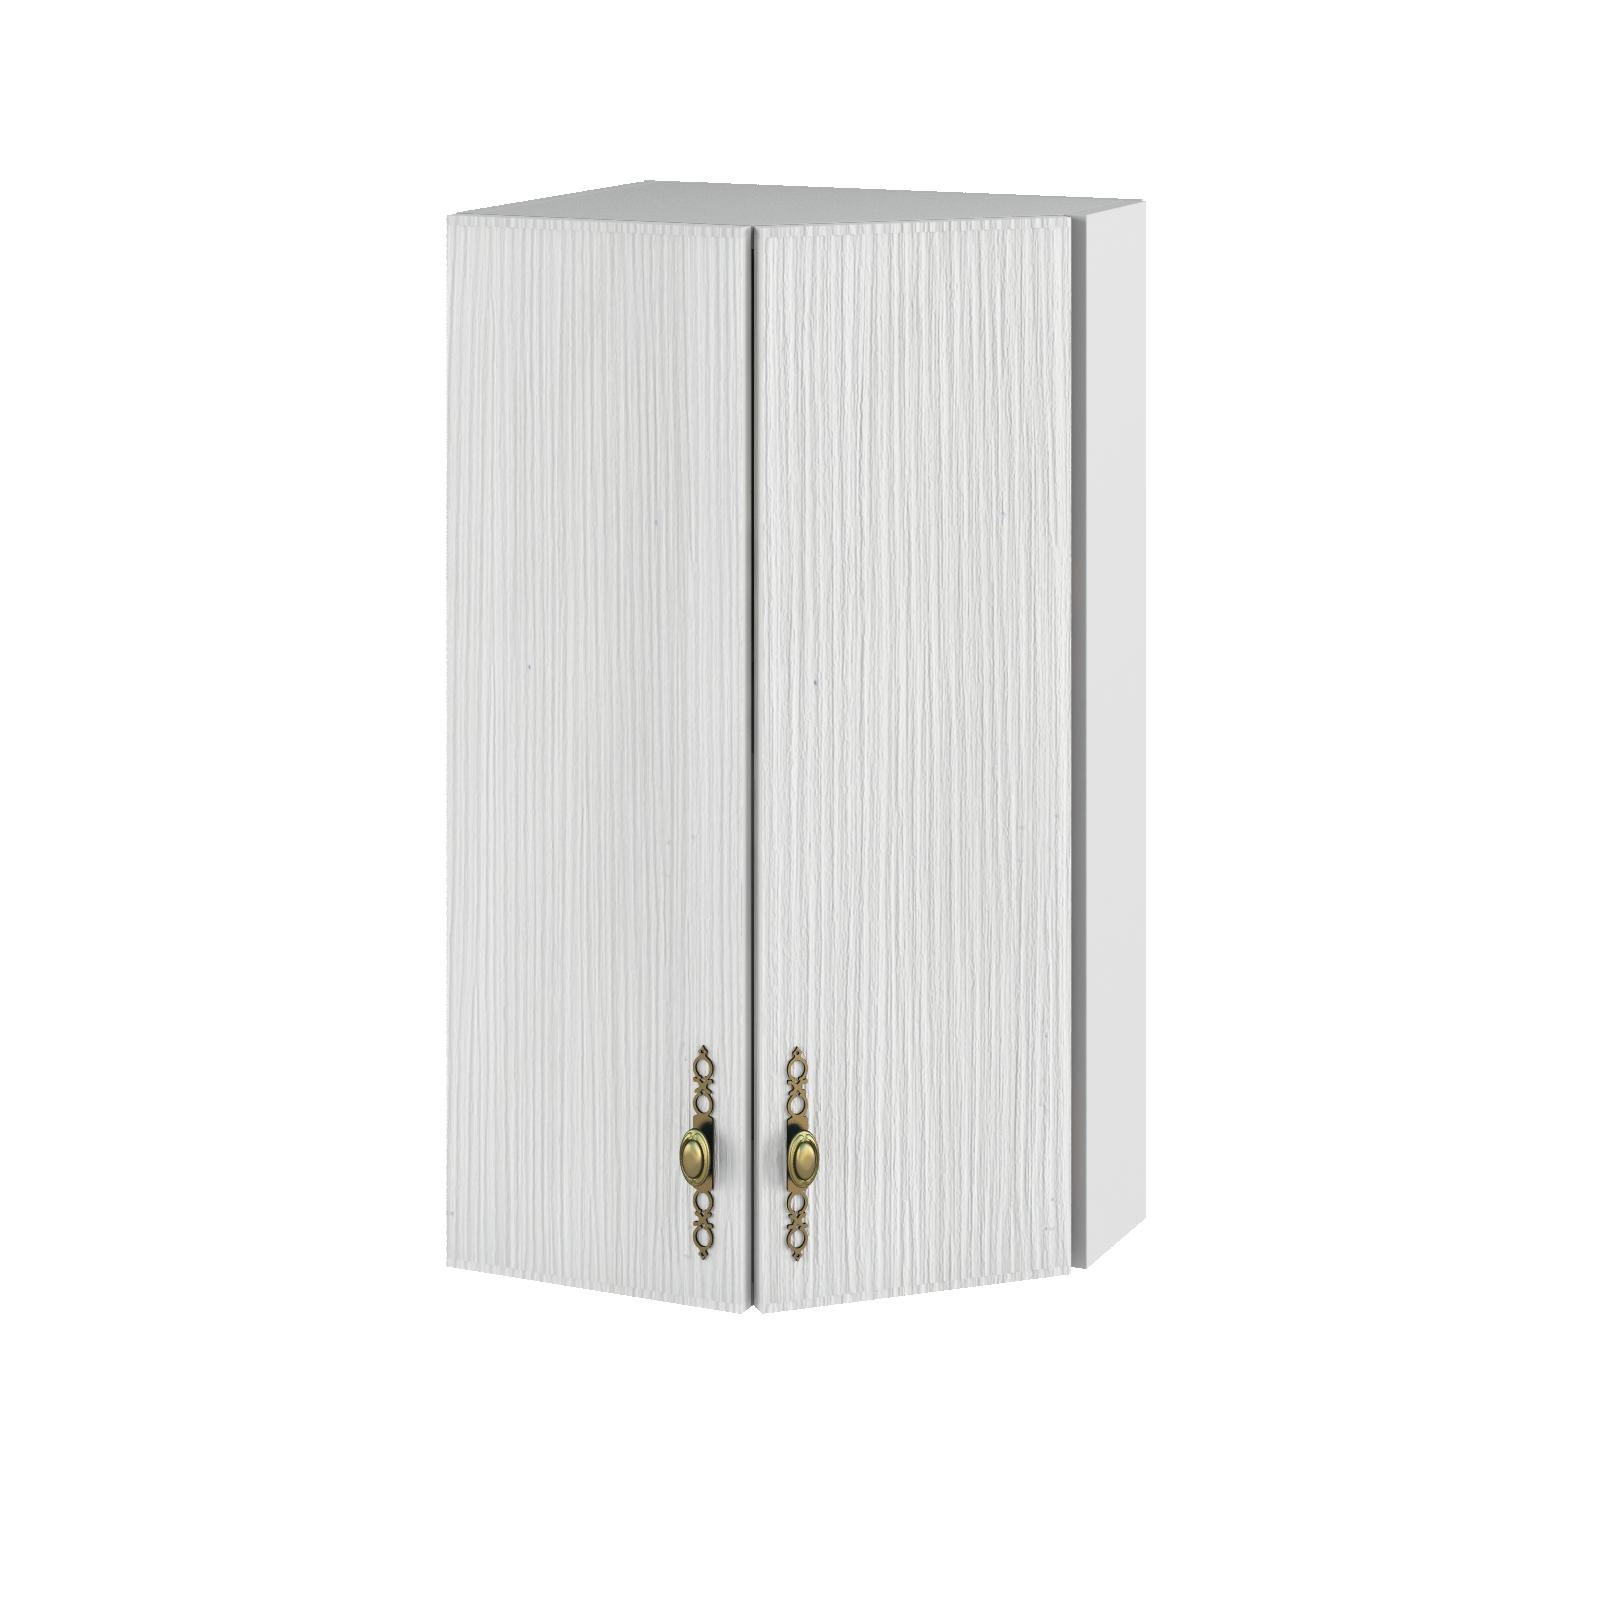 Кухня Монако ПТ 400 Шкаф верхний торцевой